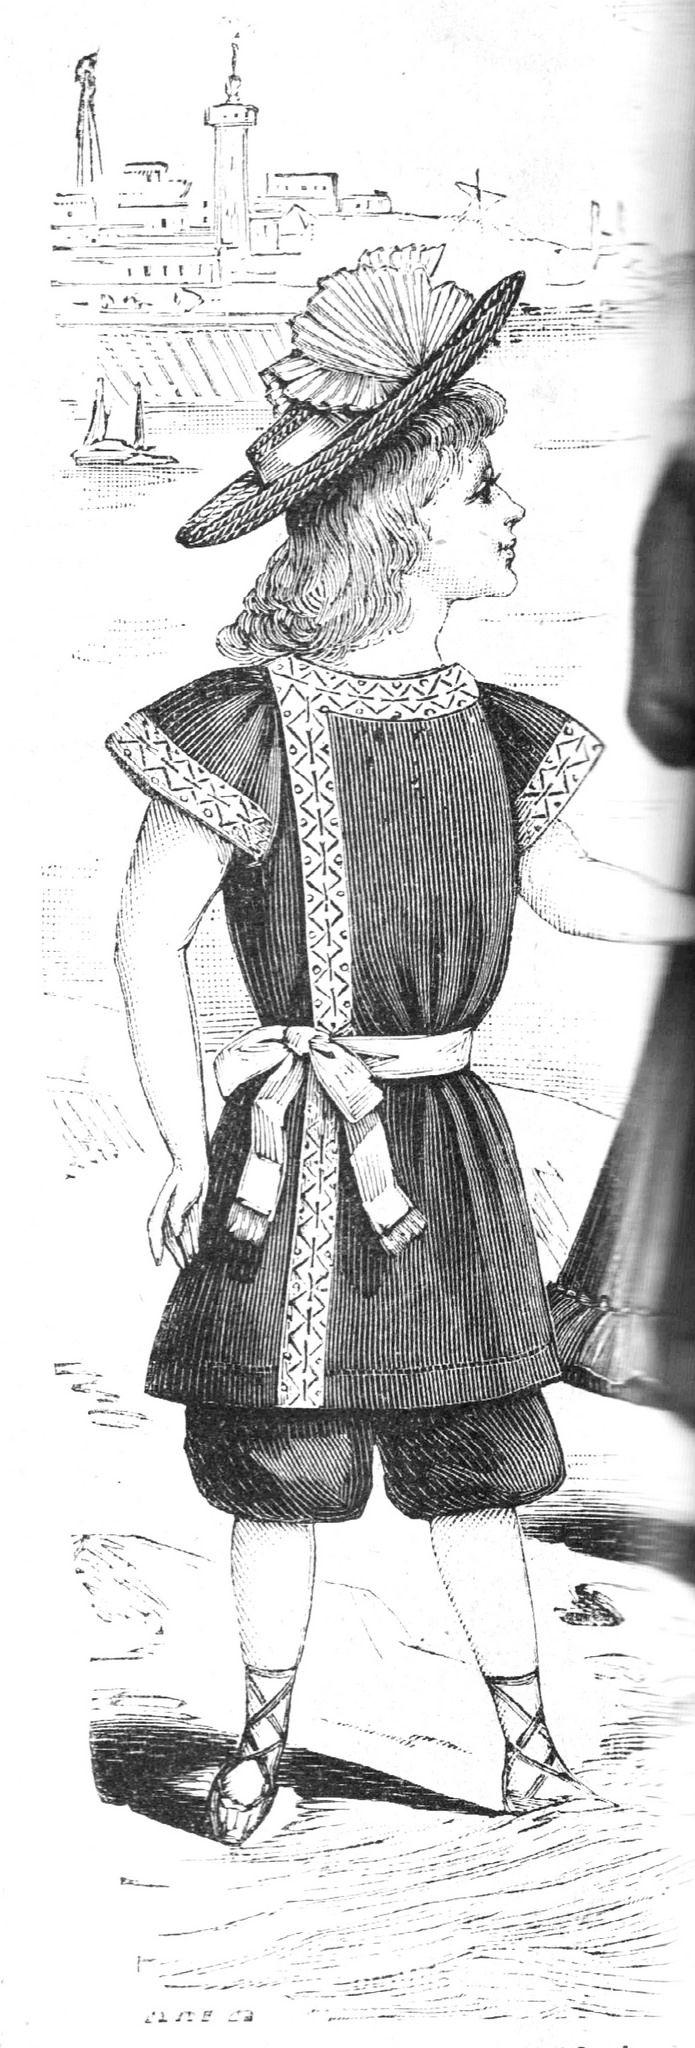 https://flic.kr/p/HVNtT9   Costume de bain pour enfant   La Petit Écho de la Mode, 17 juin 1894 Costume de bain pour enfant de 6 à 8 ans, en tissu bleu et galon brodé blanc. - Pantalon bouffant serré au-dessous du genou, blouse longue boutonnée de côté, légèrement décolleté [sic], manche courte garnie galon, même garniture à la blouse. ceinture de galon mohair crème. Le dos de la blouse est droit fil sans couture. Chapeau paillasson blanc, garni d'un plissé de mousseline blanche.